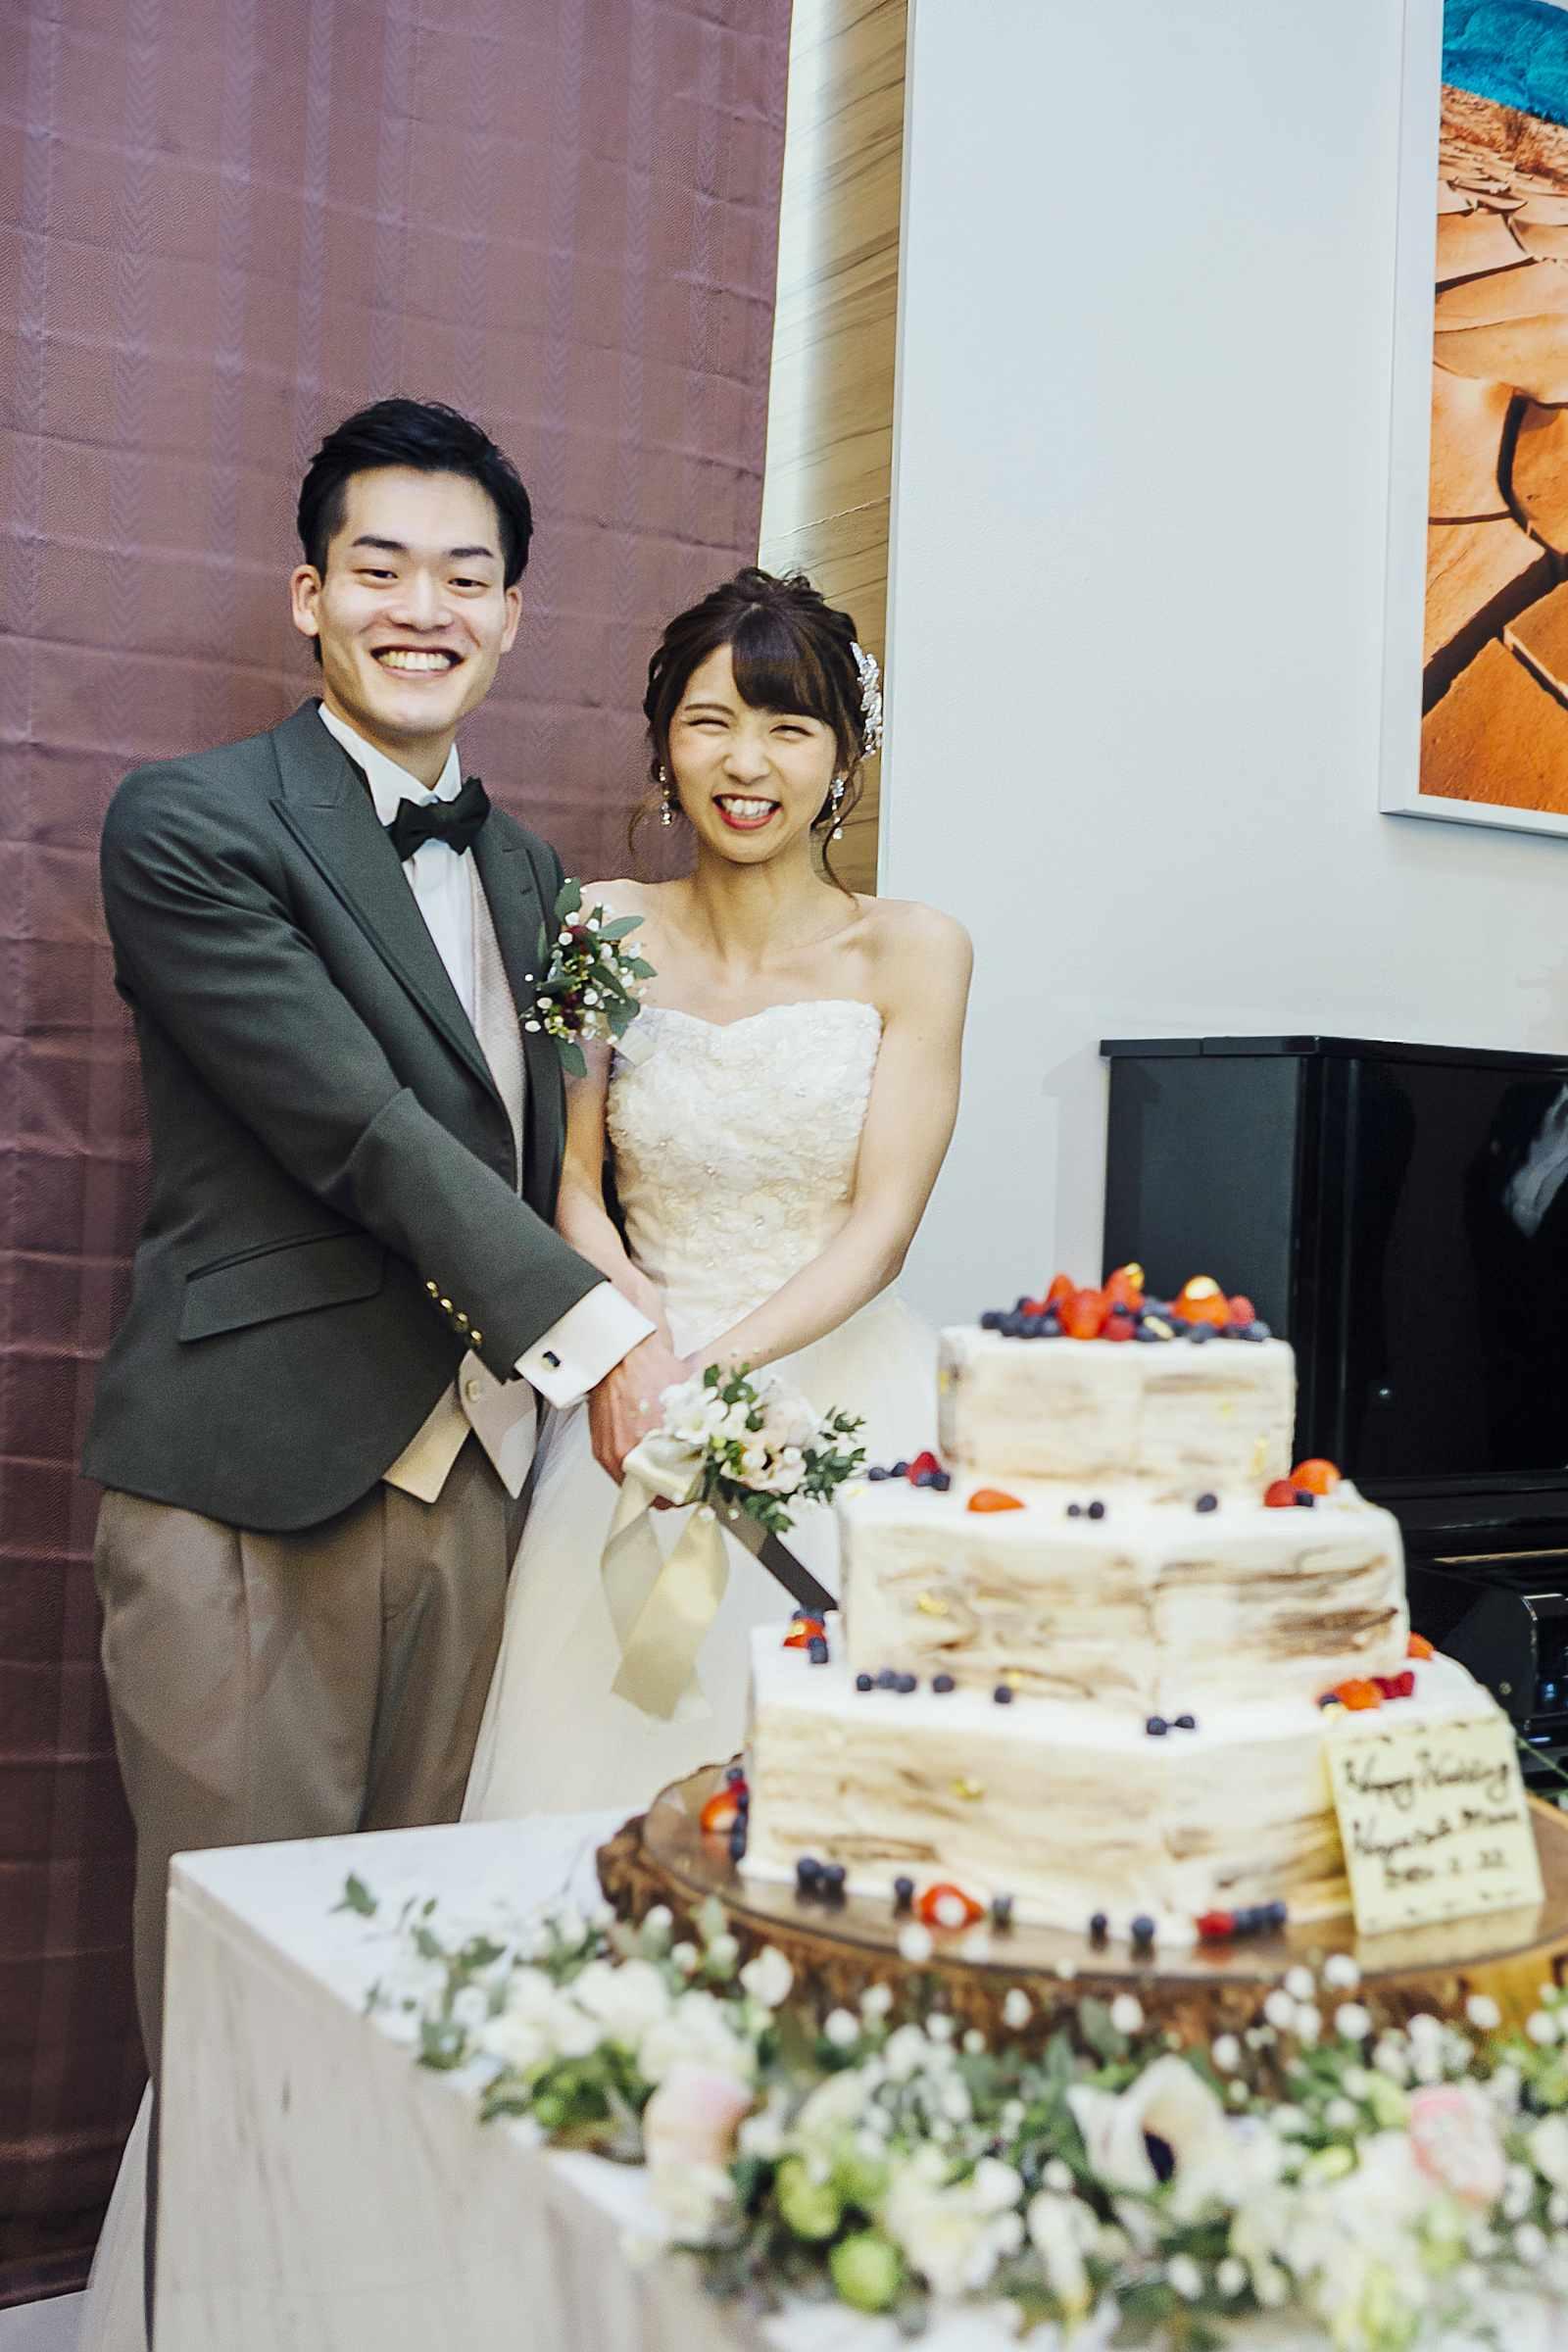 香川県の結婚式場シェルエメール&アイスタイルのウェディングケーキ